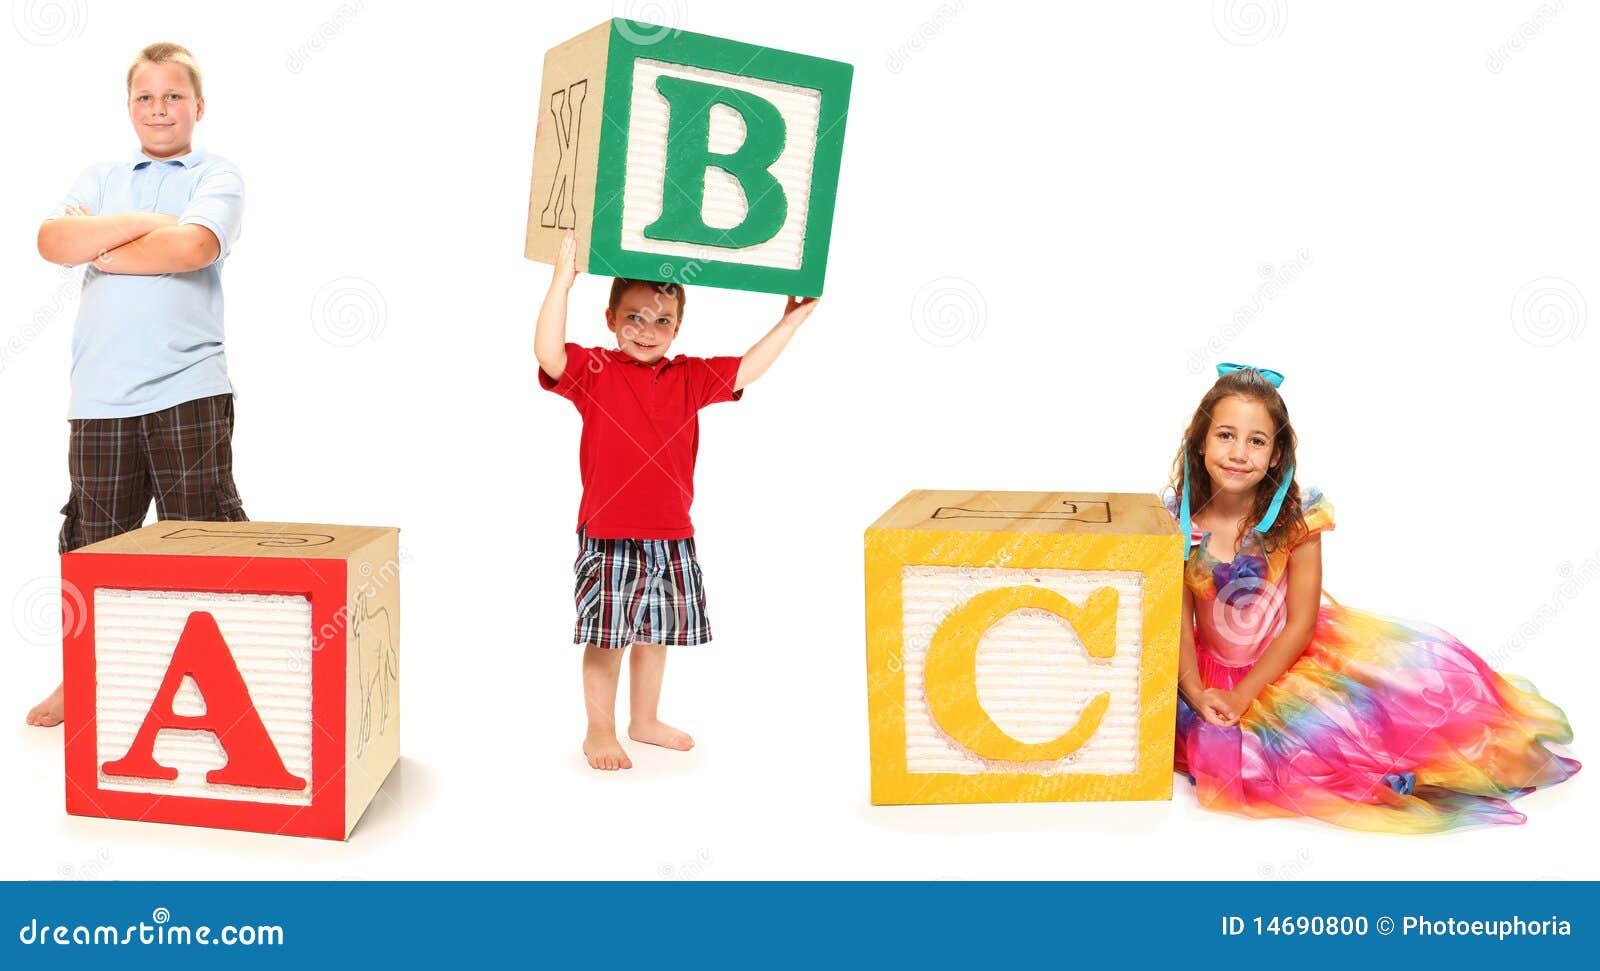 Miúdos com ABC em blocos do alfabeto